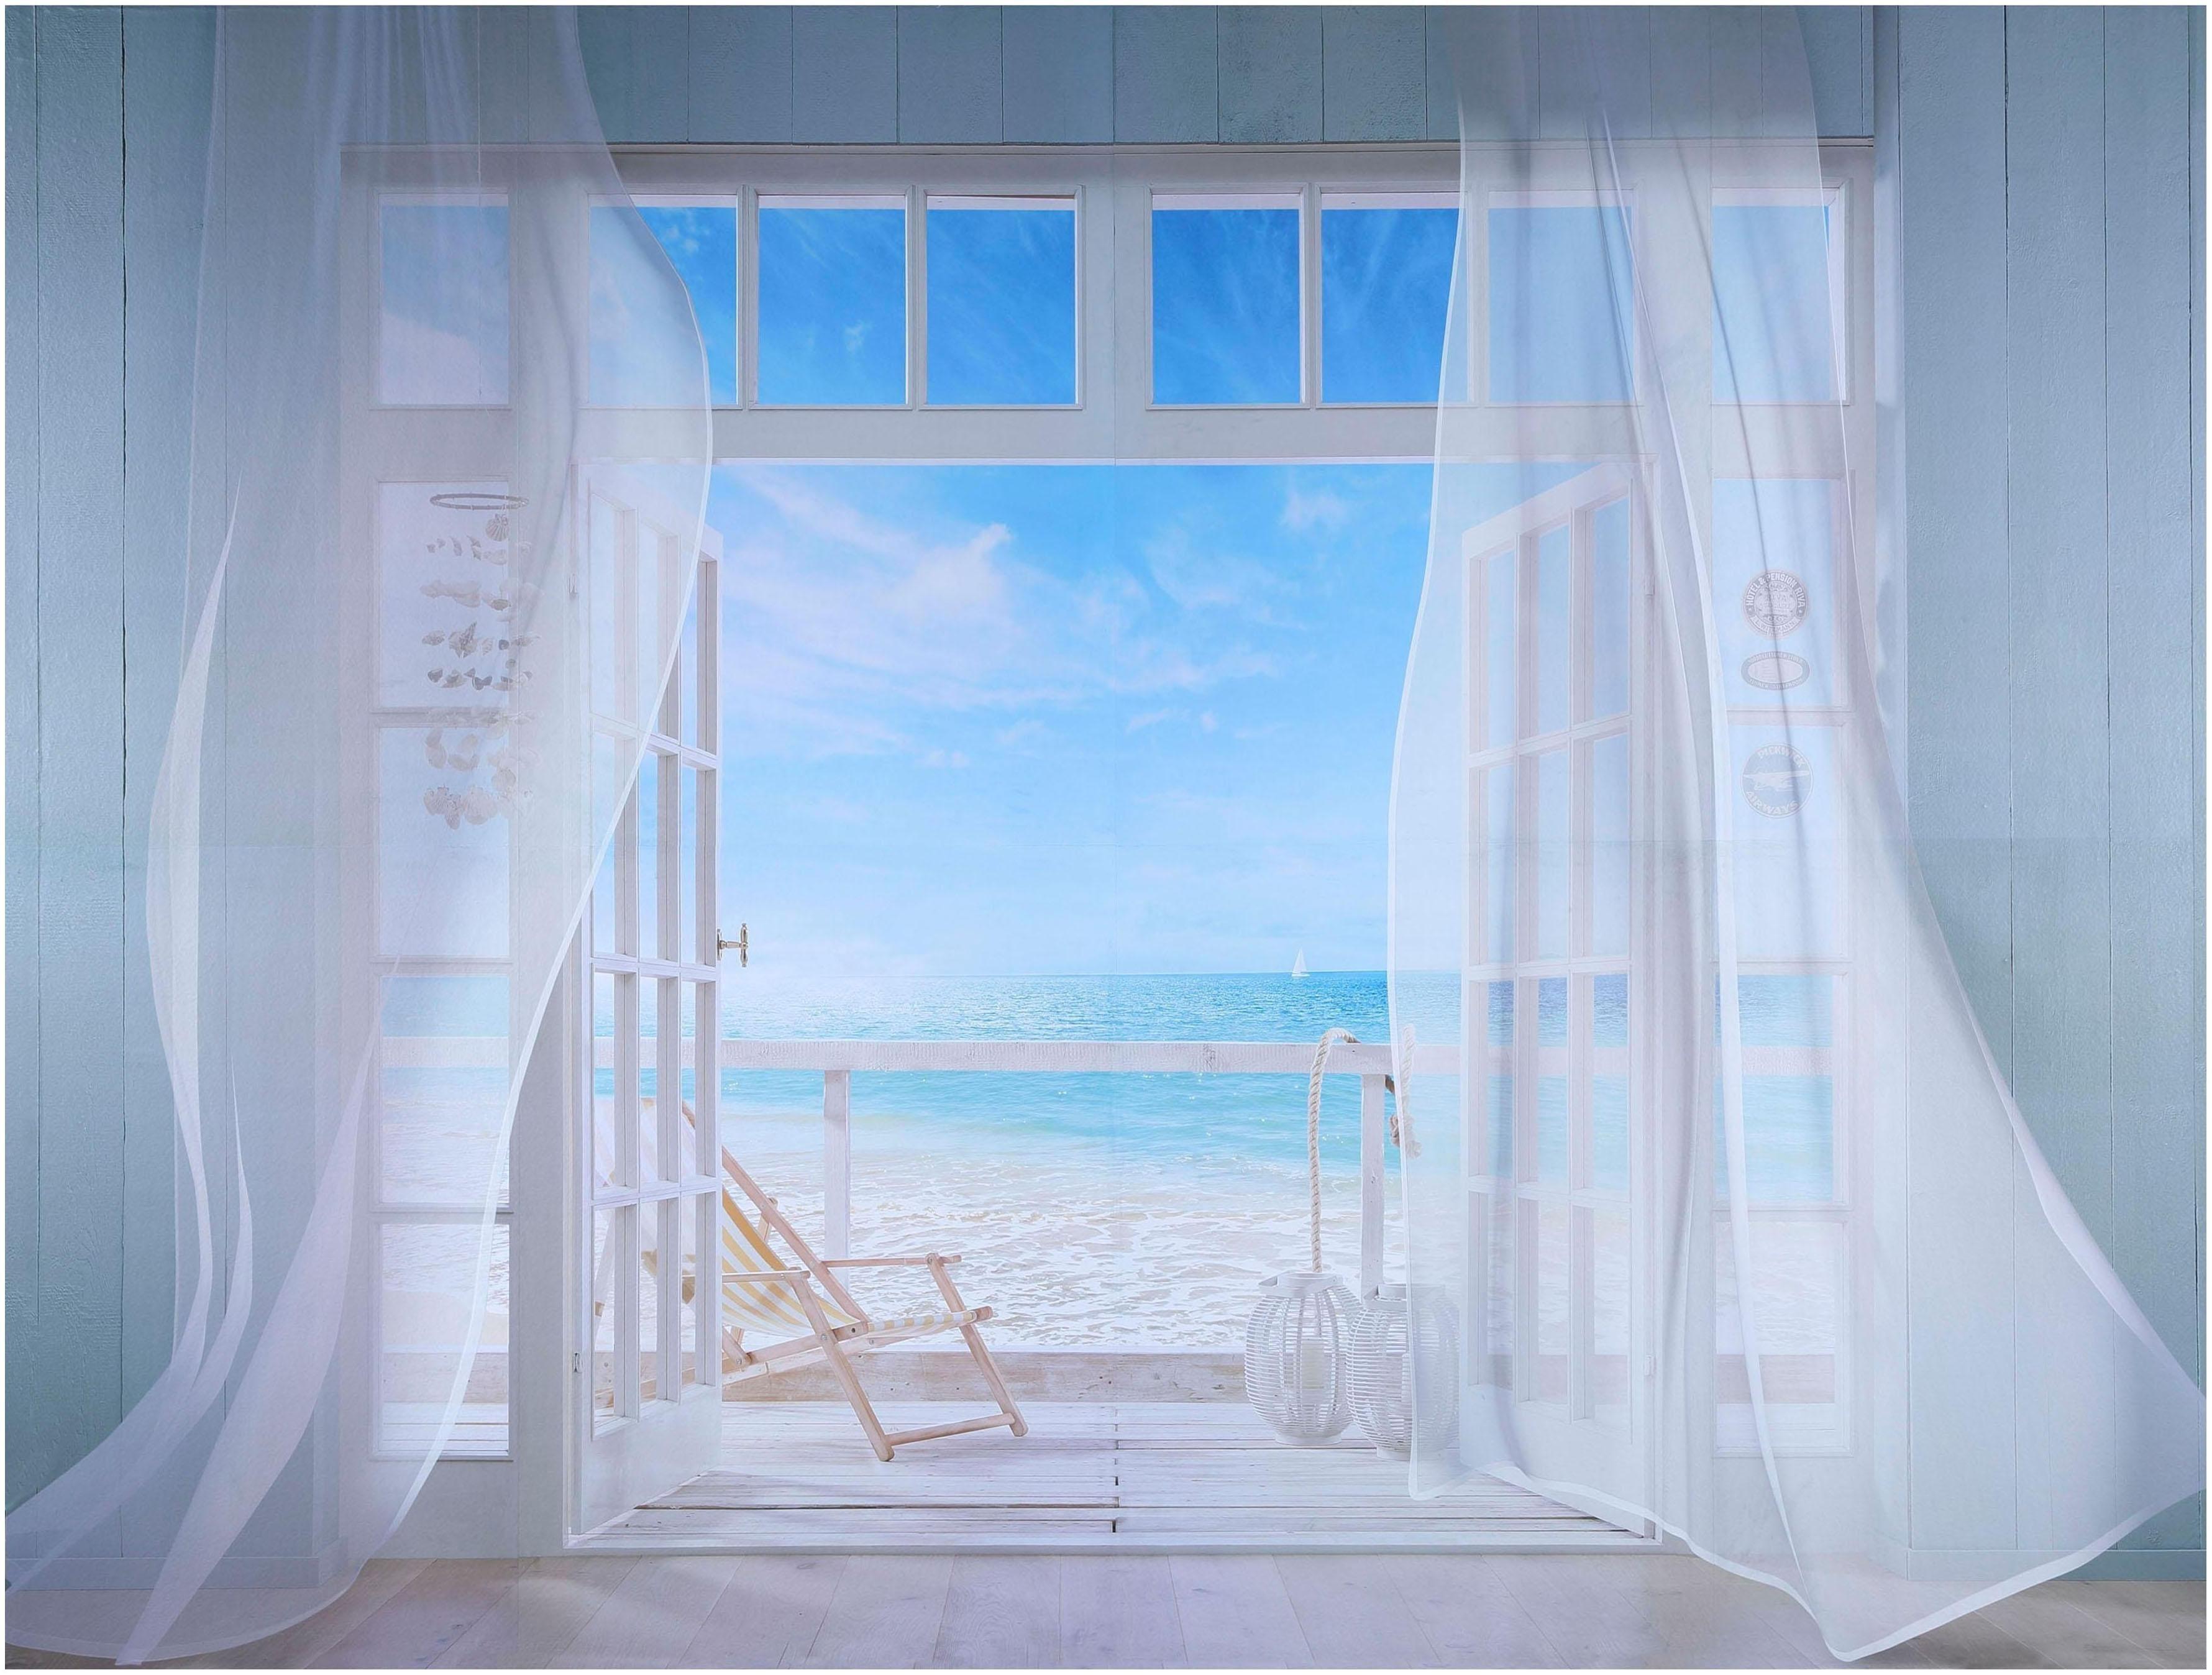 fototapete komar pure preisvergleich die besten angebote online kaufen. Black Bedroom Furniture Sets. Home Design Ideas